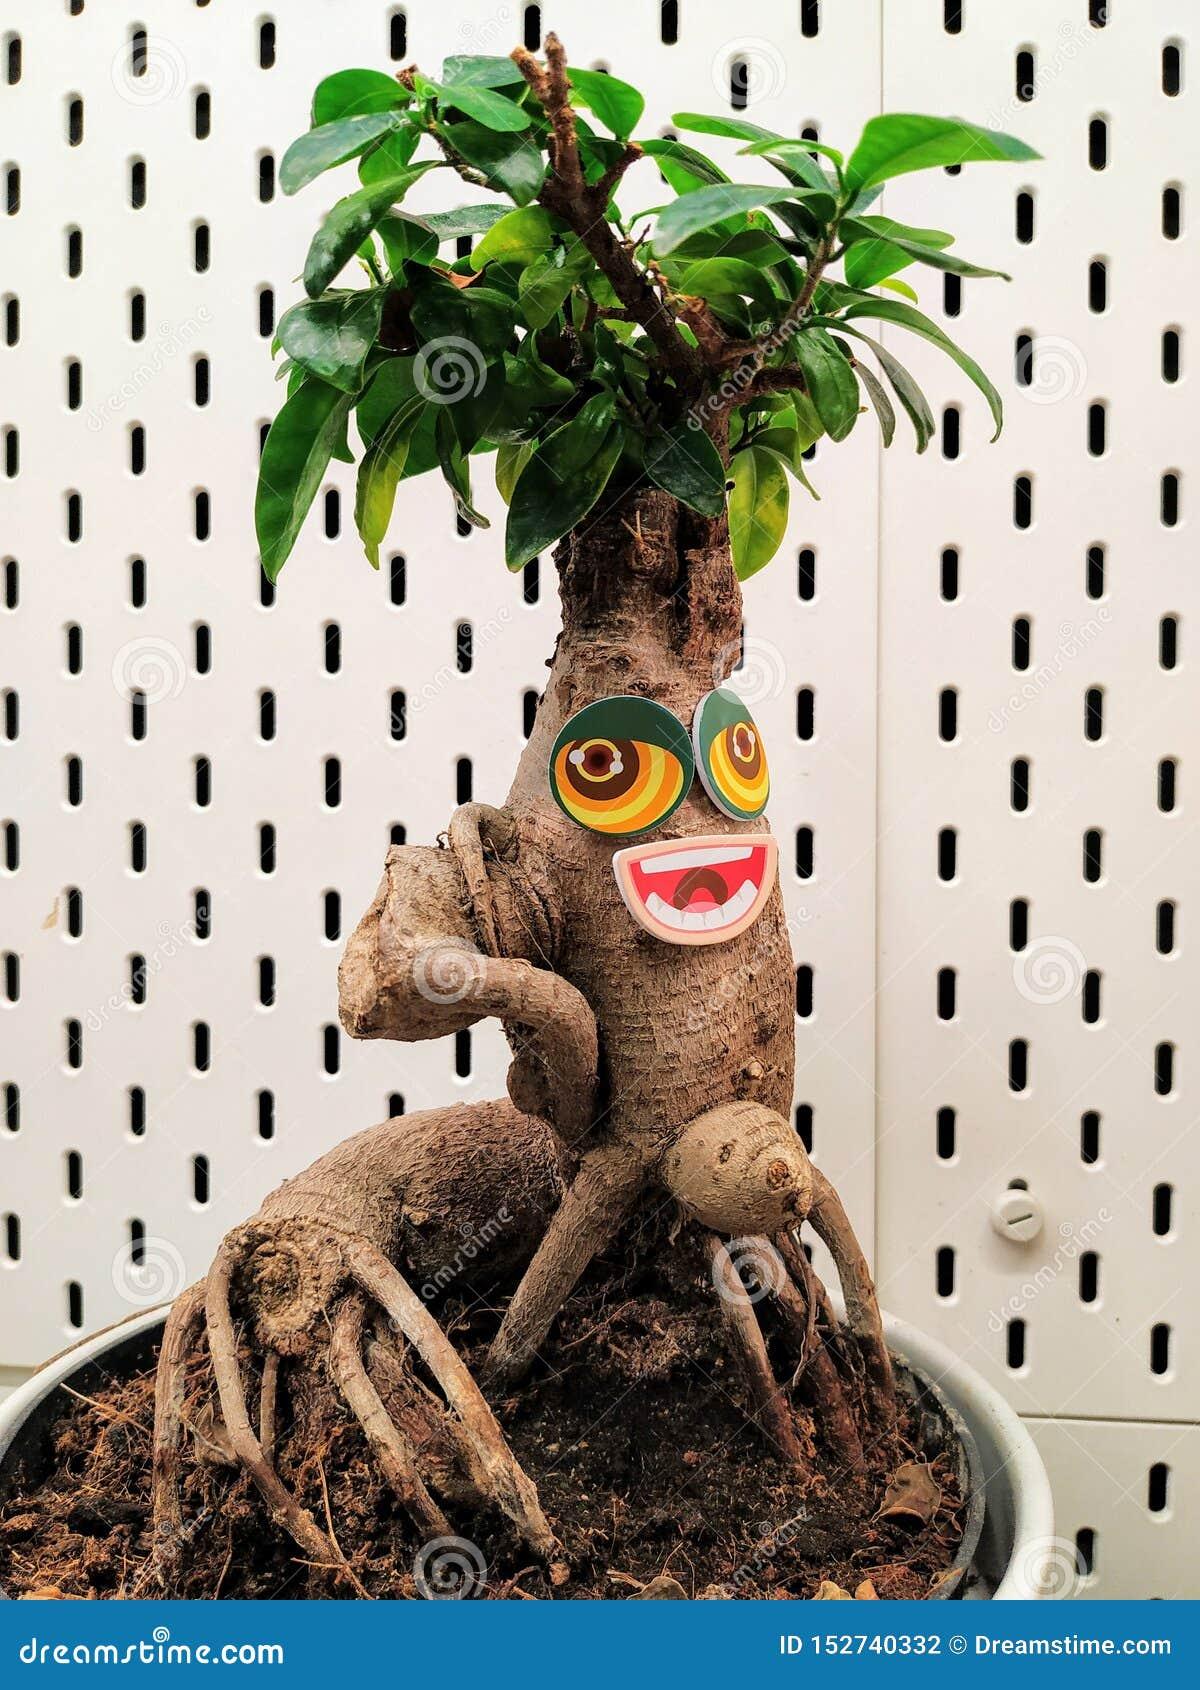 Planta divertida con los ojos y la boca grandes Verde hoja-como el pelo, hairsty